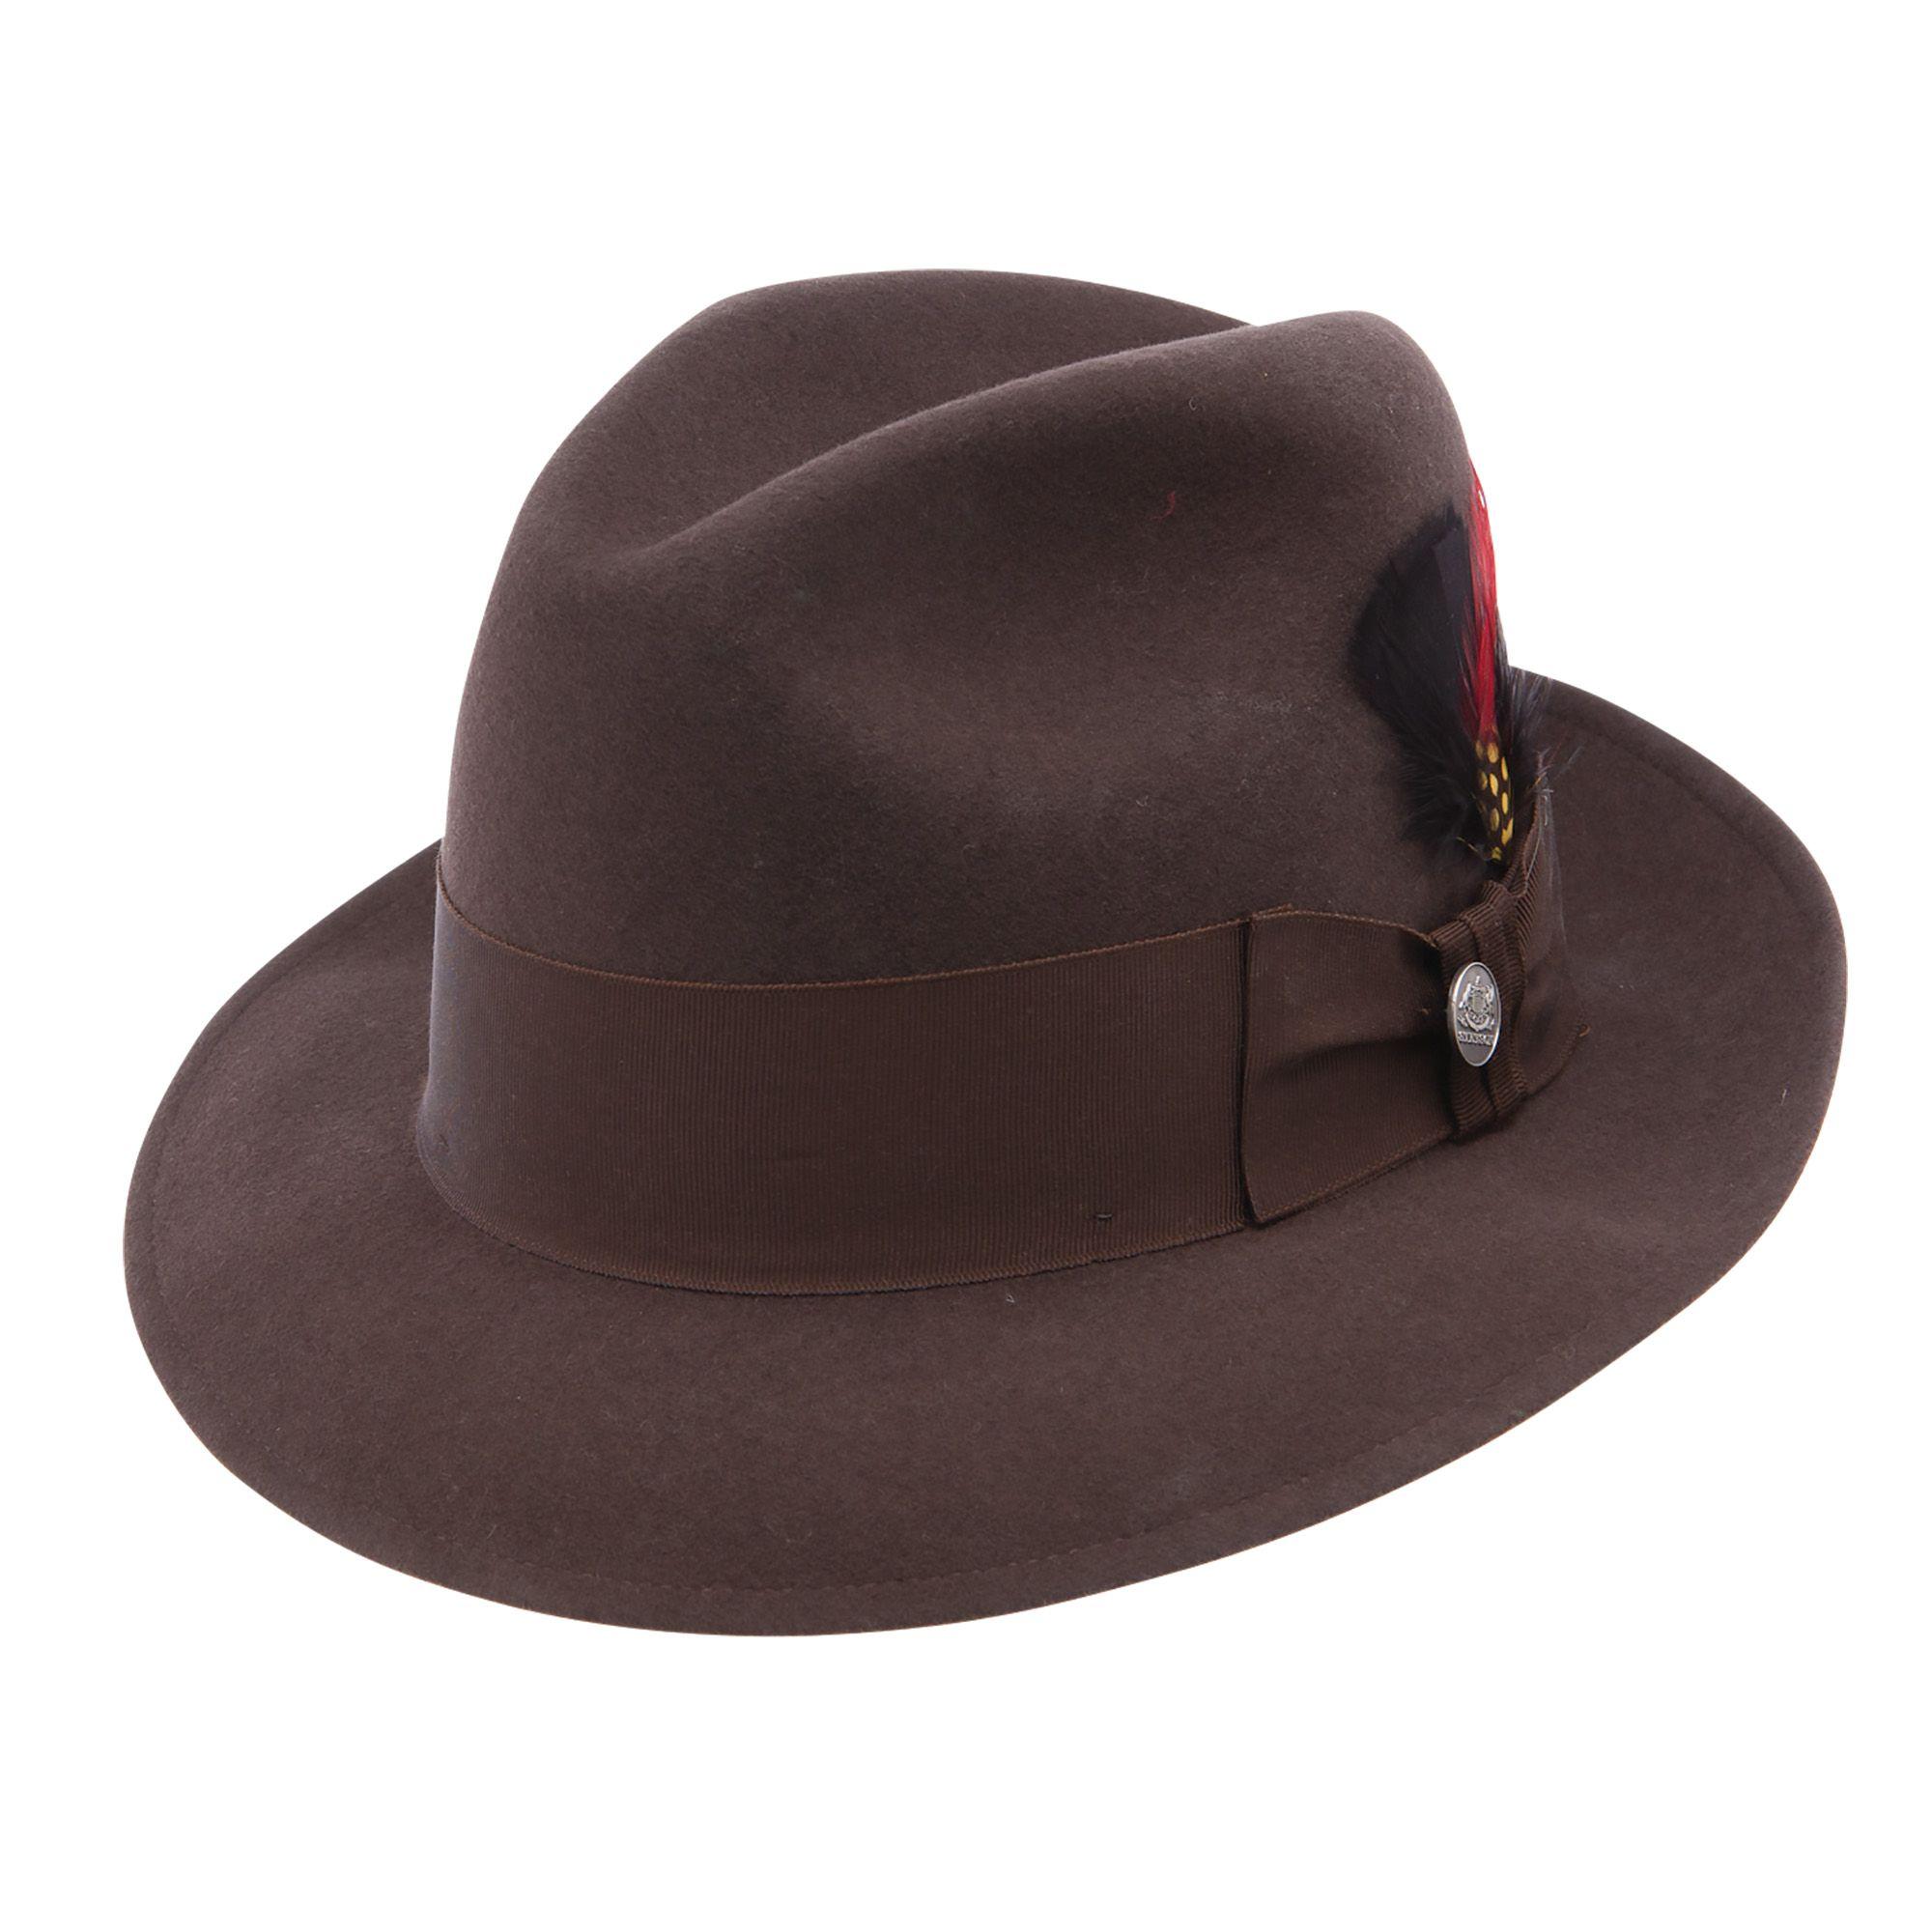 e92d2afd8 Fredrick   Stetson Dress Hats   Stetson fedora, Dress hats, Wool felt